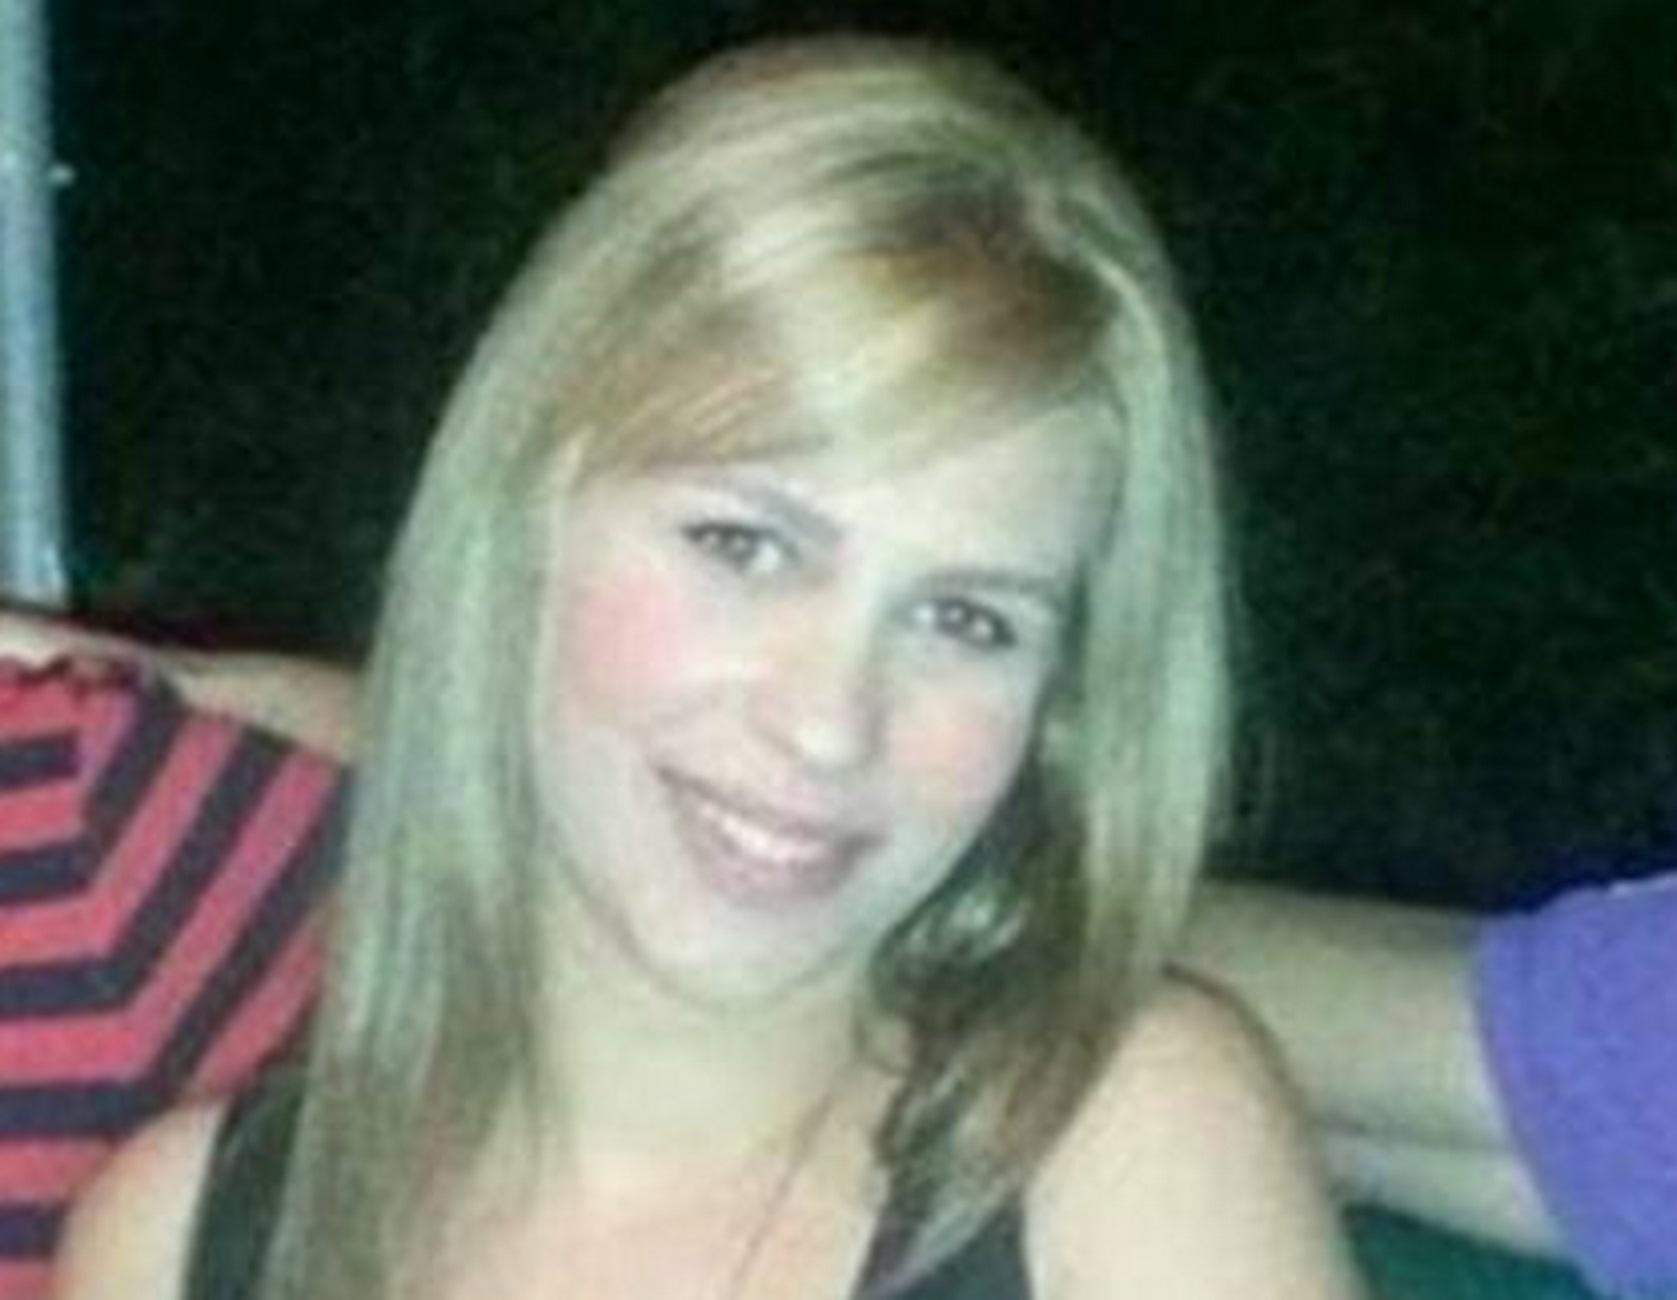 Μεσσηνία: Ζητούν αποζημιώσεις 1.000.000 ευρώ από το δημόσιο για την τραγωδία με νεκρή κοπέλα στο Πολυλίμνιο!